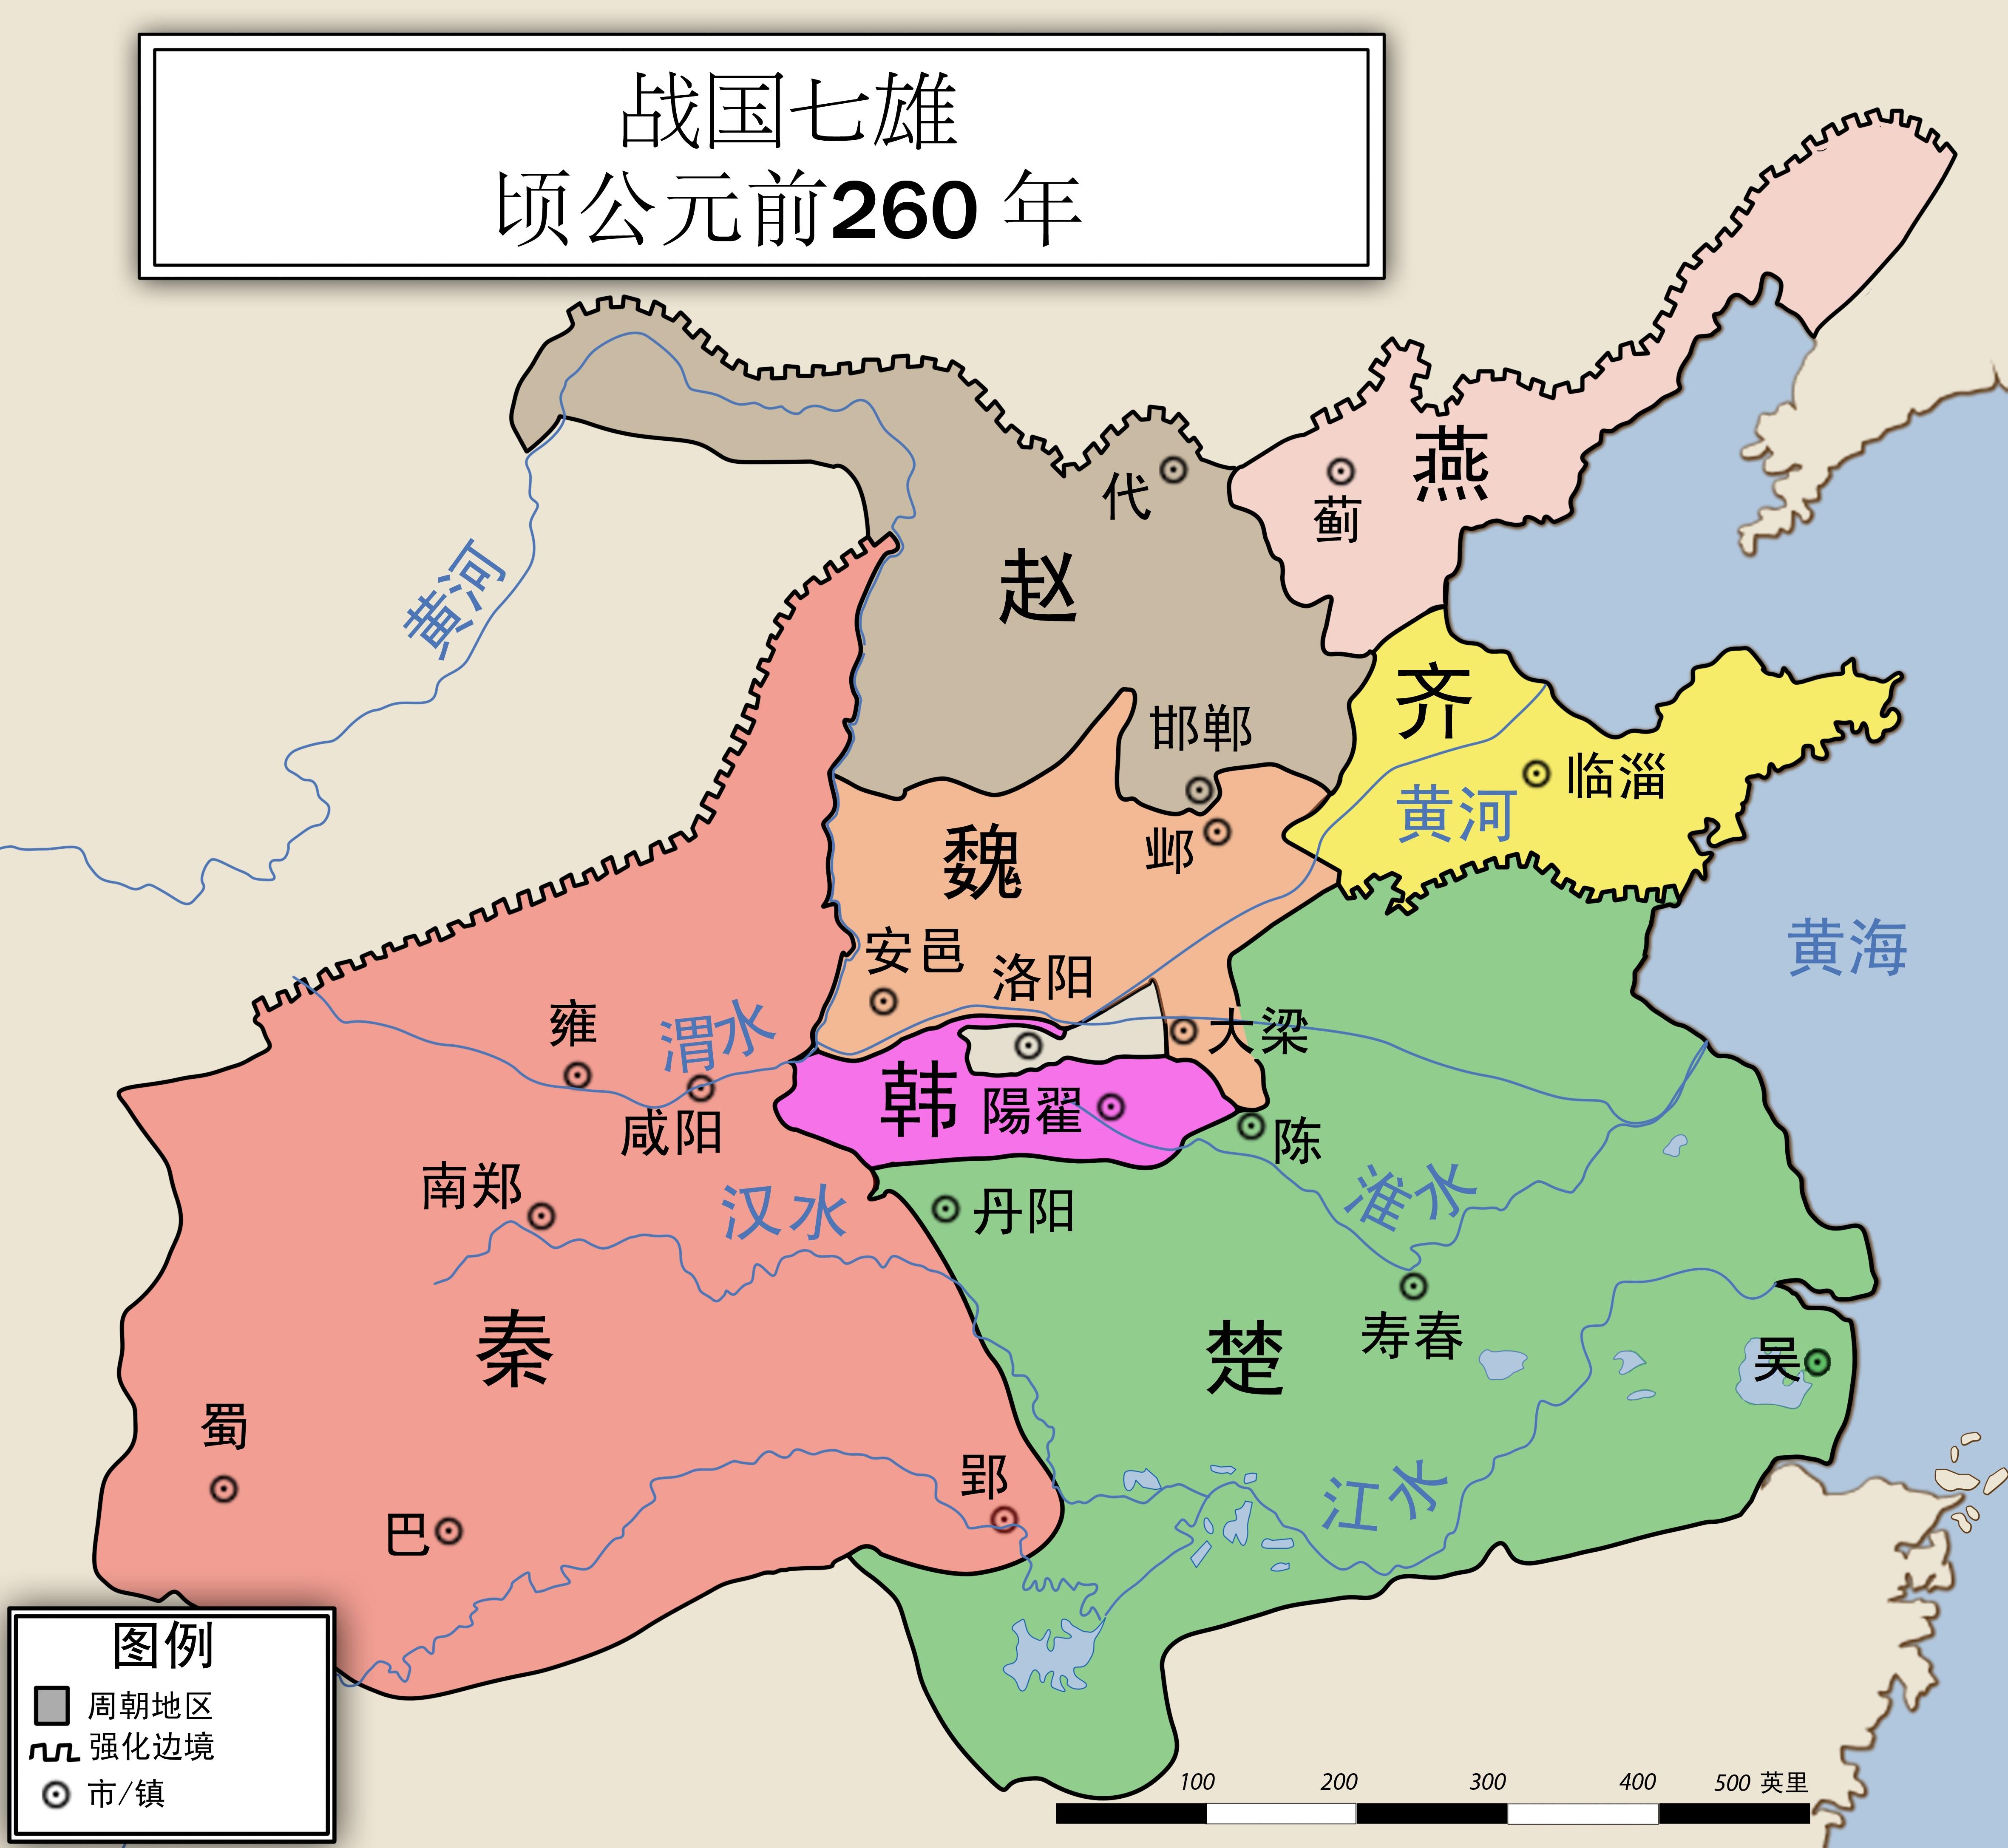 ZH-战国七雄地图.jpg